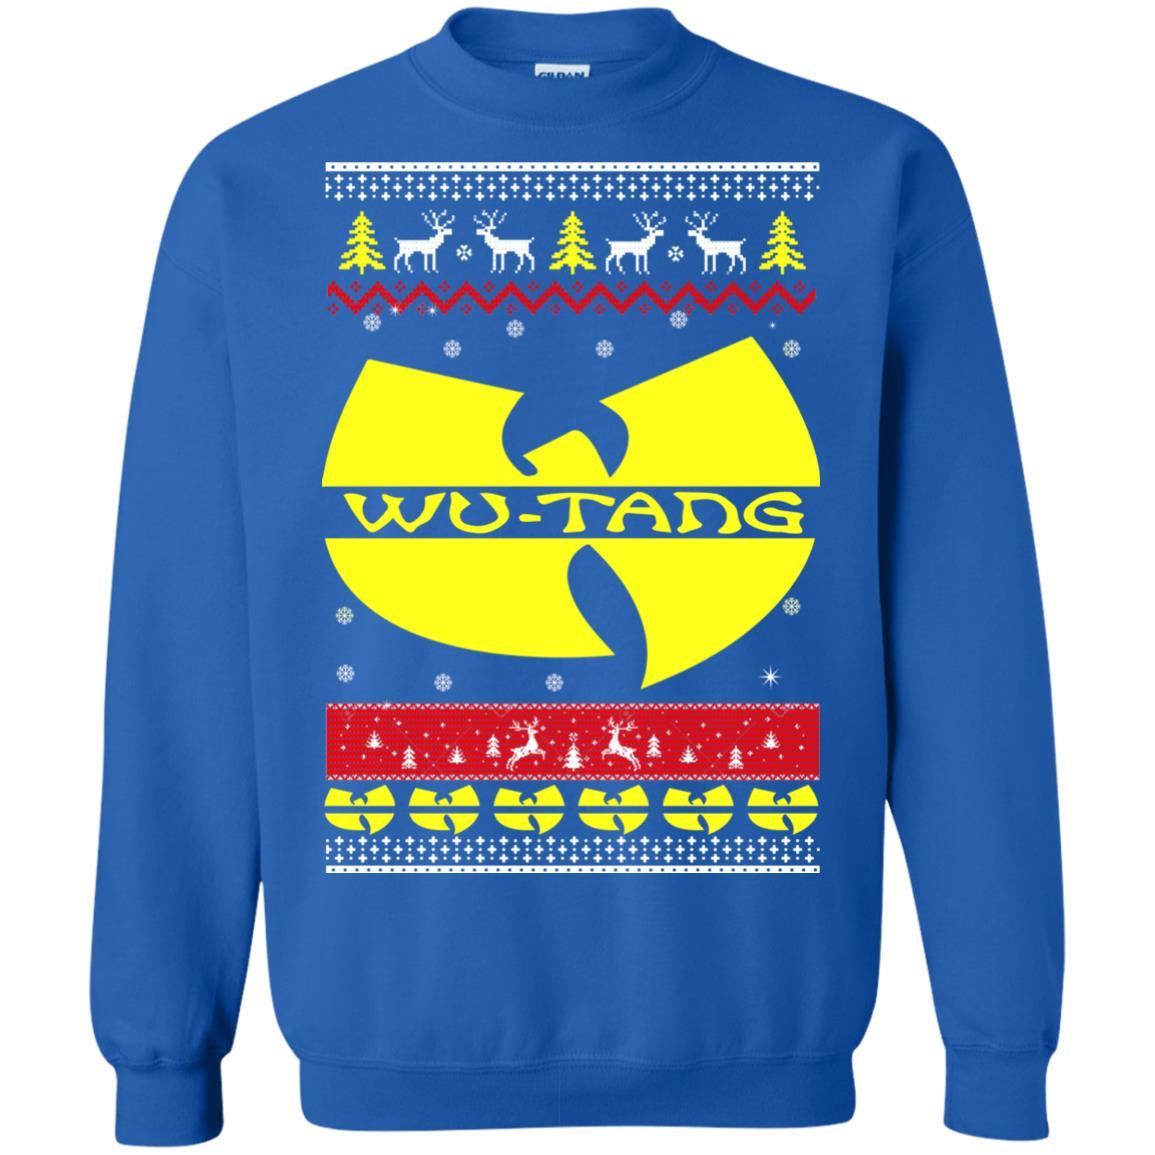 image 1180 - Wu Tang Christmas Sweater, Ugly Sweatshirt